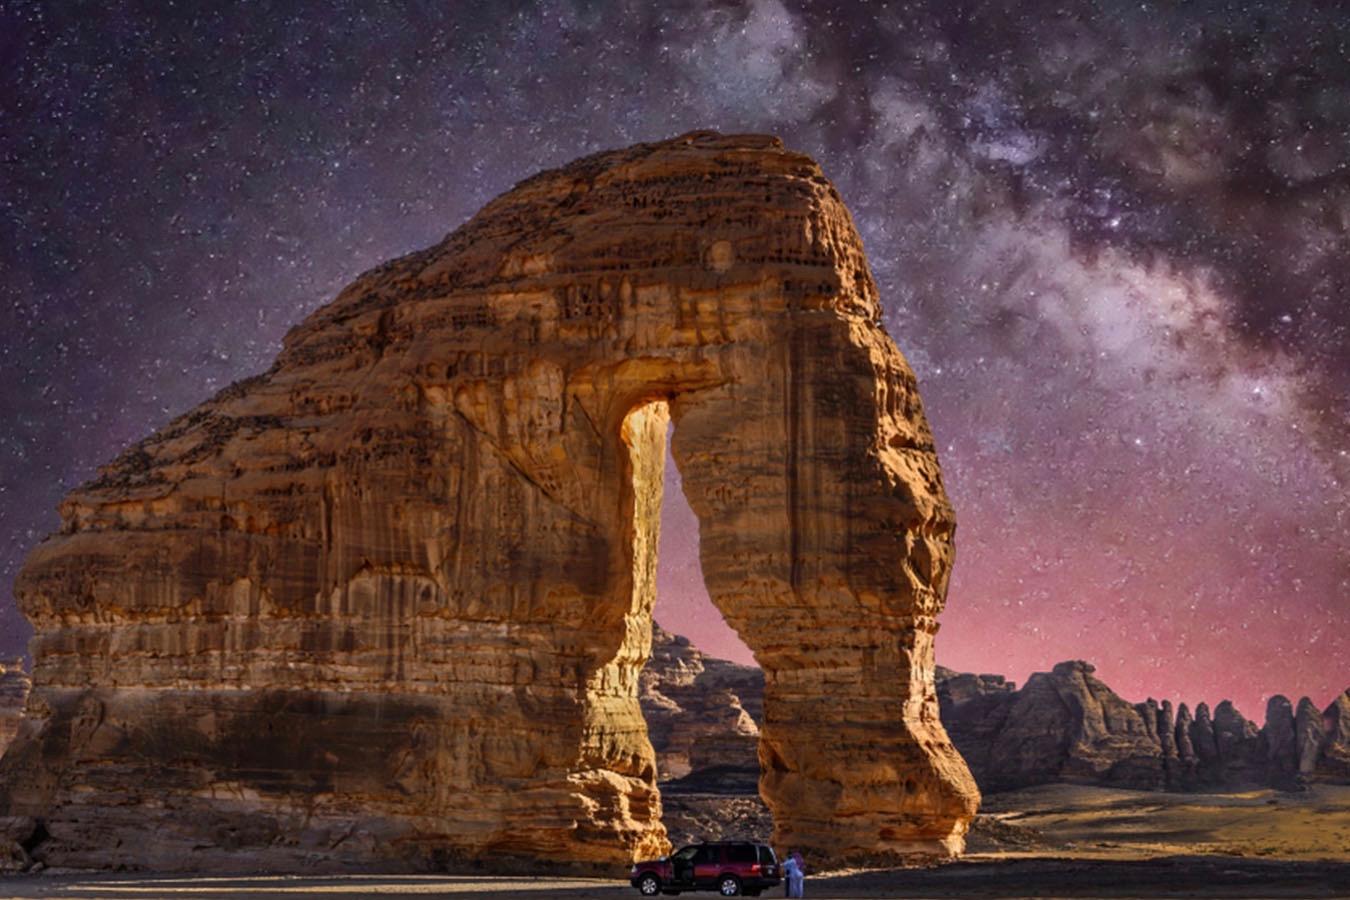 Der berühmte Elephant Hill in Saudi-Arabien